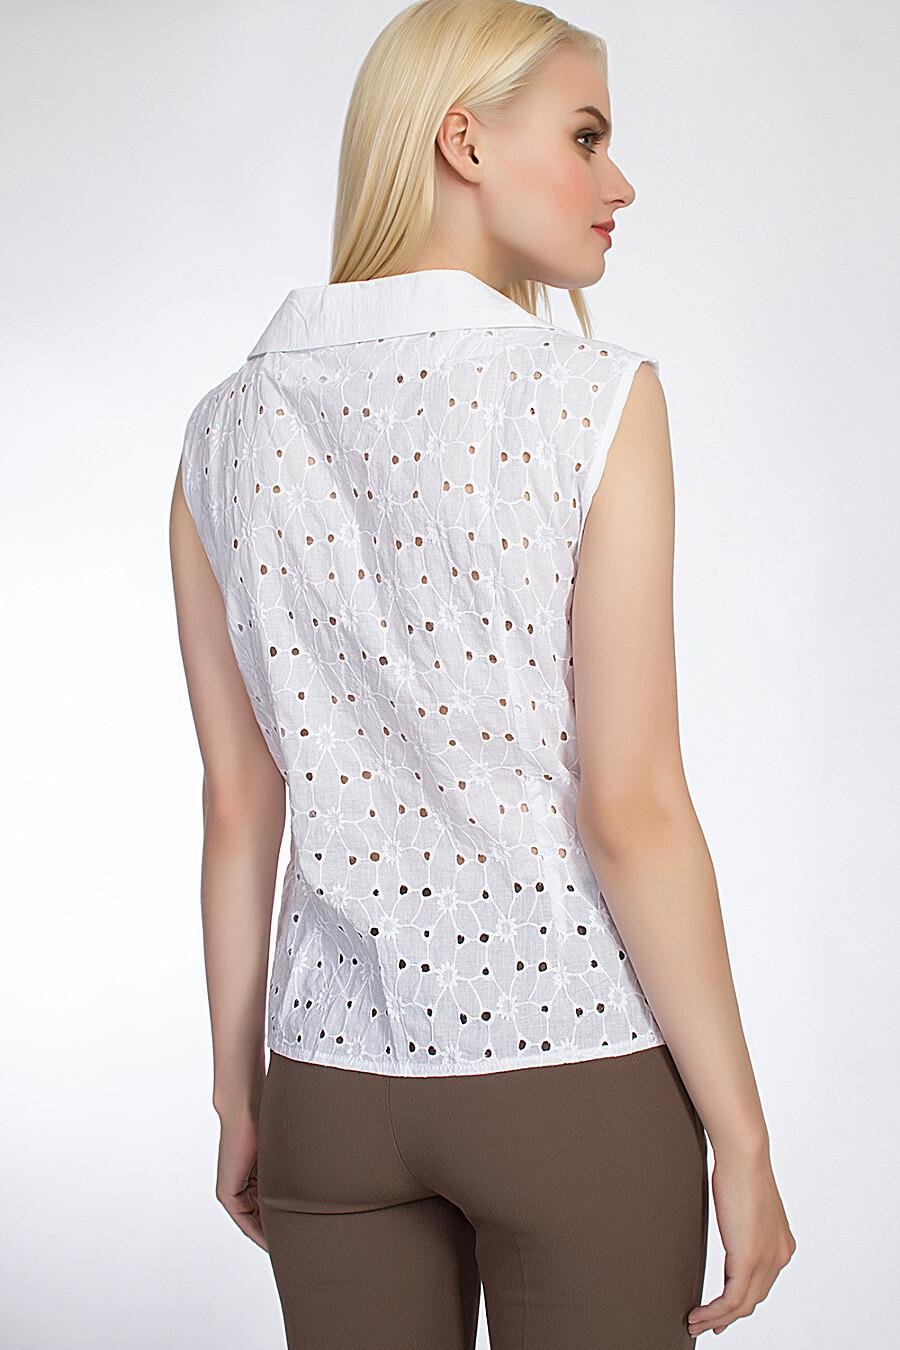 Блуза TuTachi (51089), купить в Moyo.moda